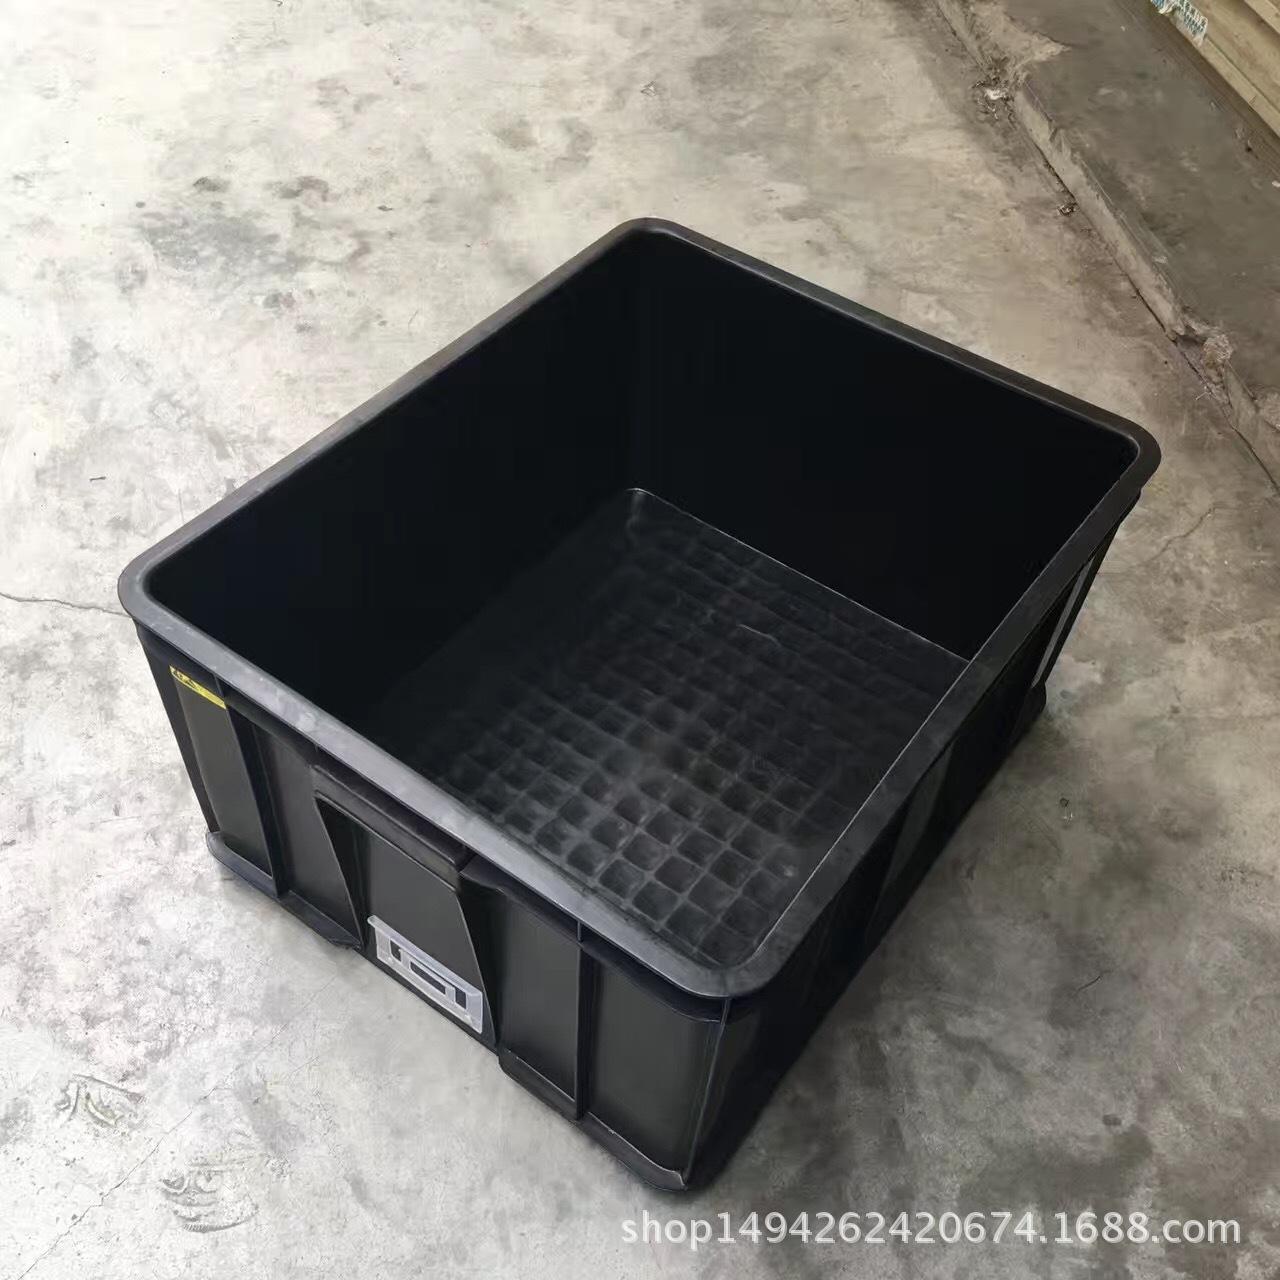 塑胶筐塑料防静电周转箱黑色电子配件储物箱加厚款塑料框